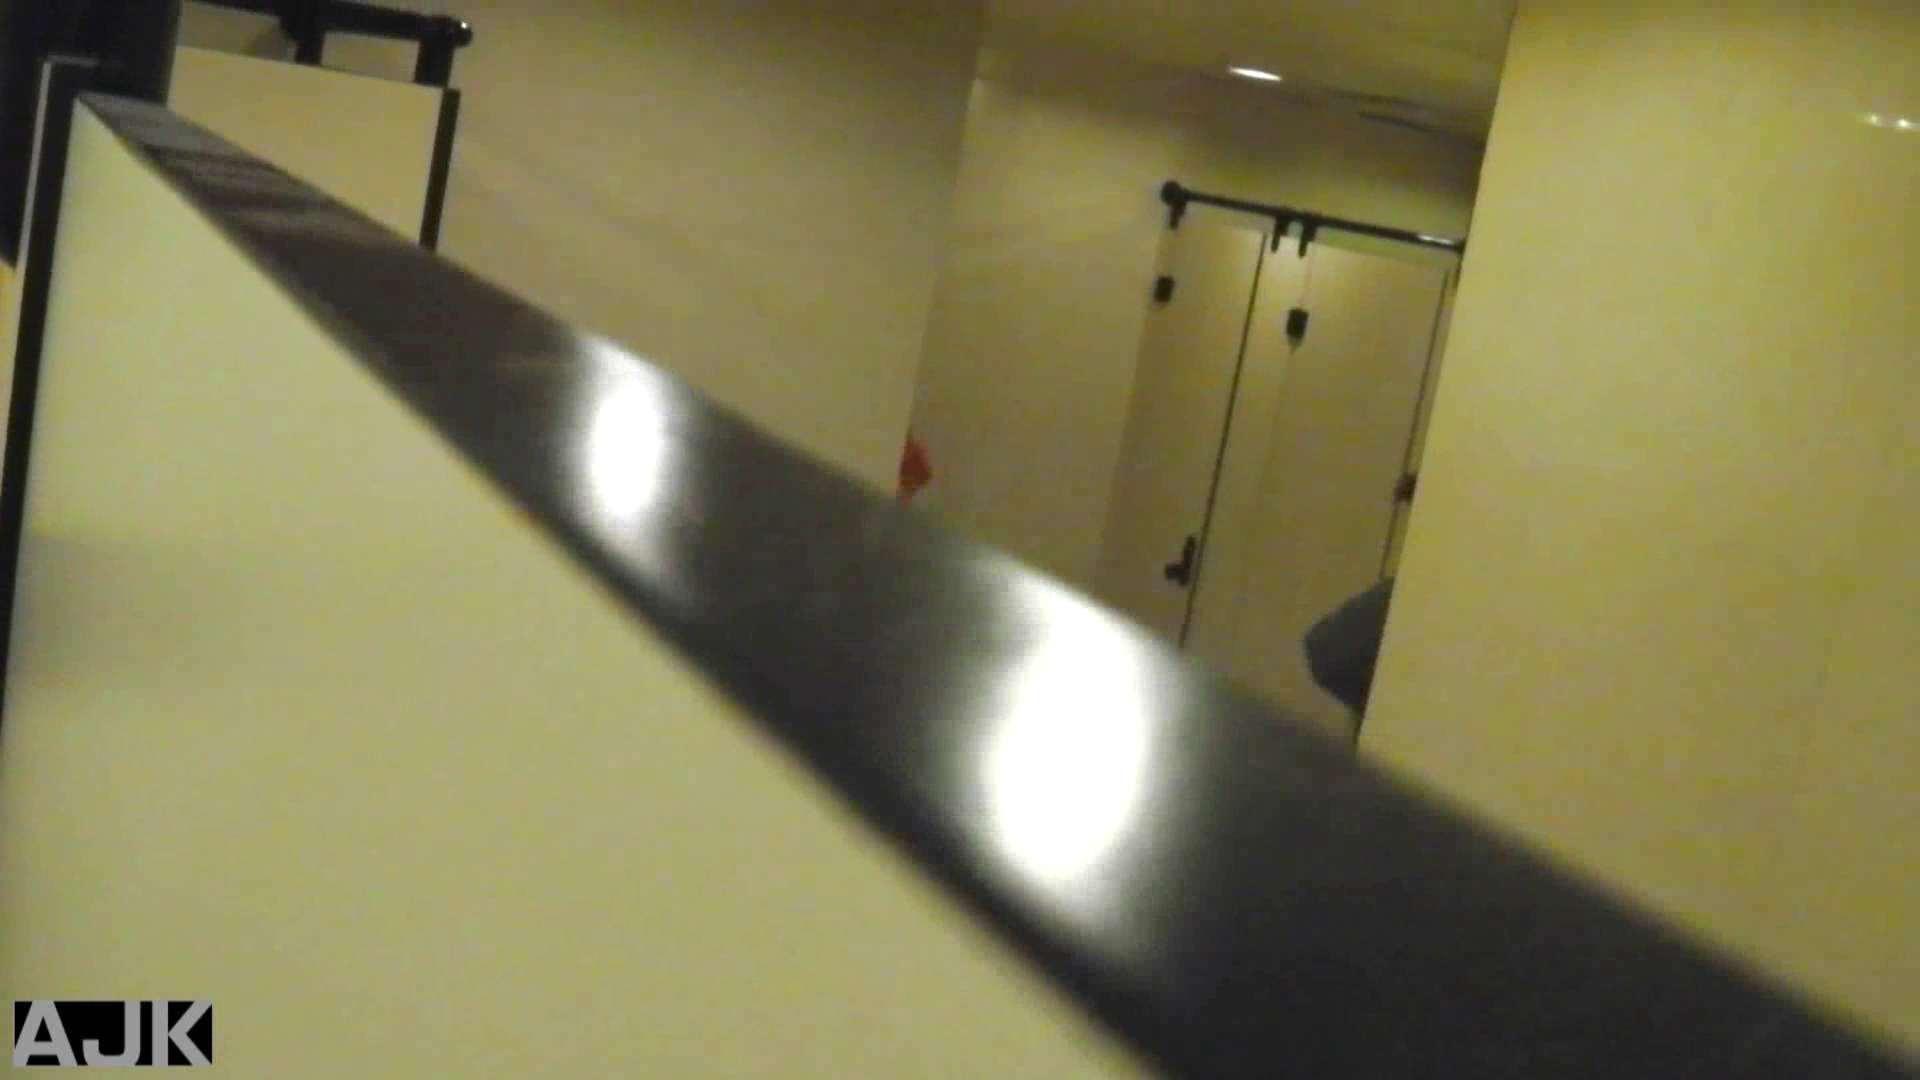 隣国上階級エリアの令嬢たちが集うデパートお手洗い Vol.03 おまんこ  104PIX 45